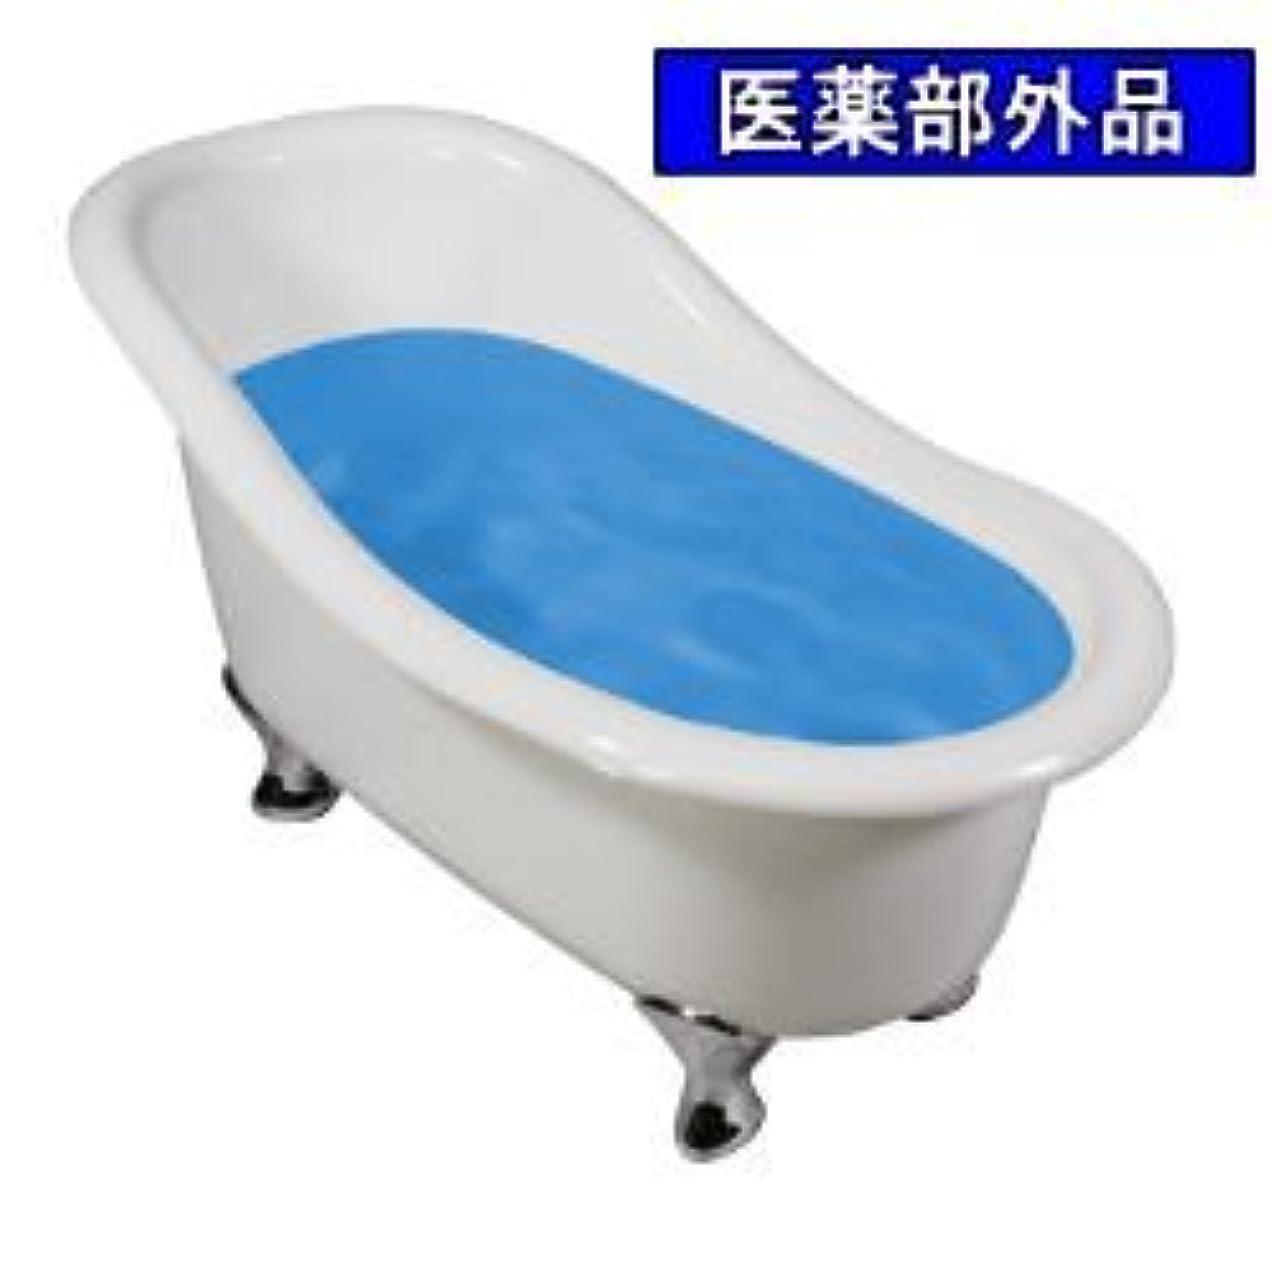 デッキ成長する依存業務用薬用入浴剤バスフレンド 森林浴 17kg 医薬部外品